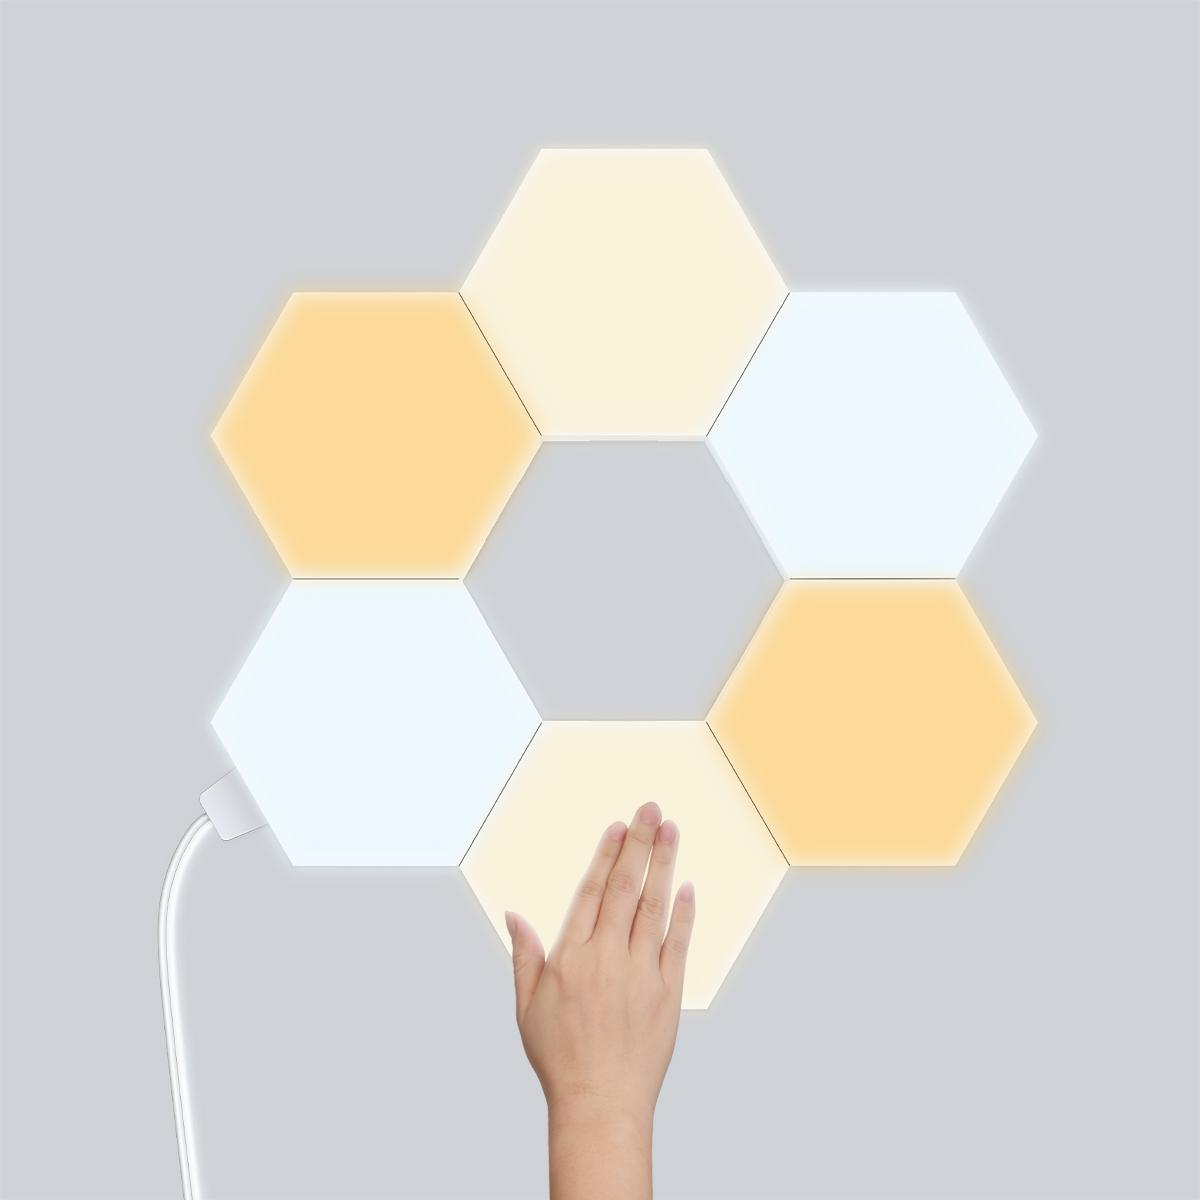 DIY Honeycomb Lamp